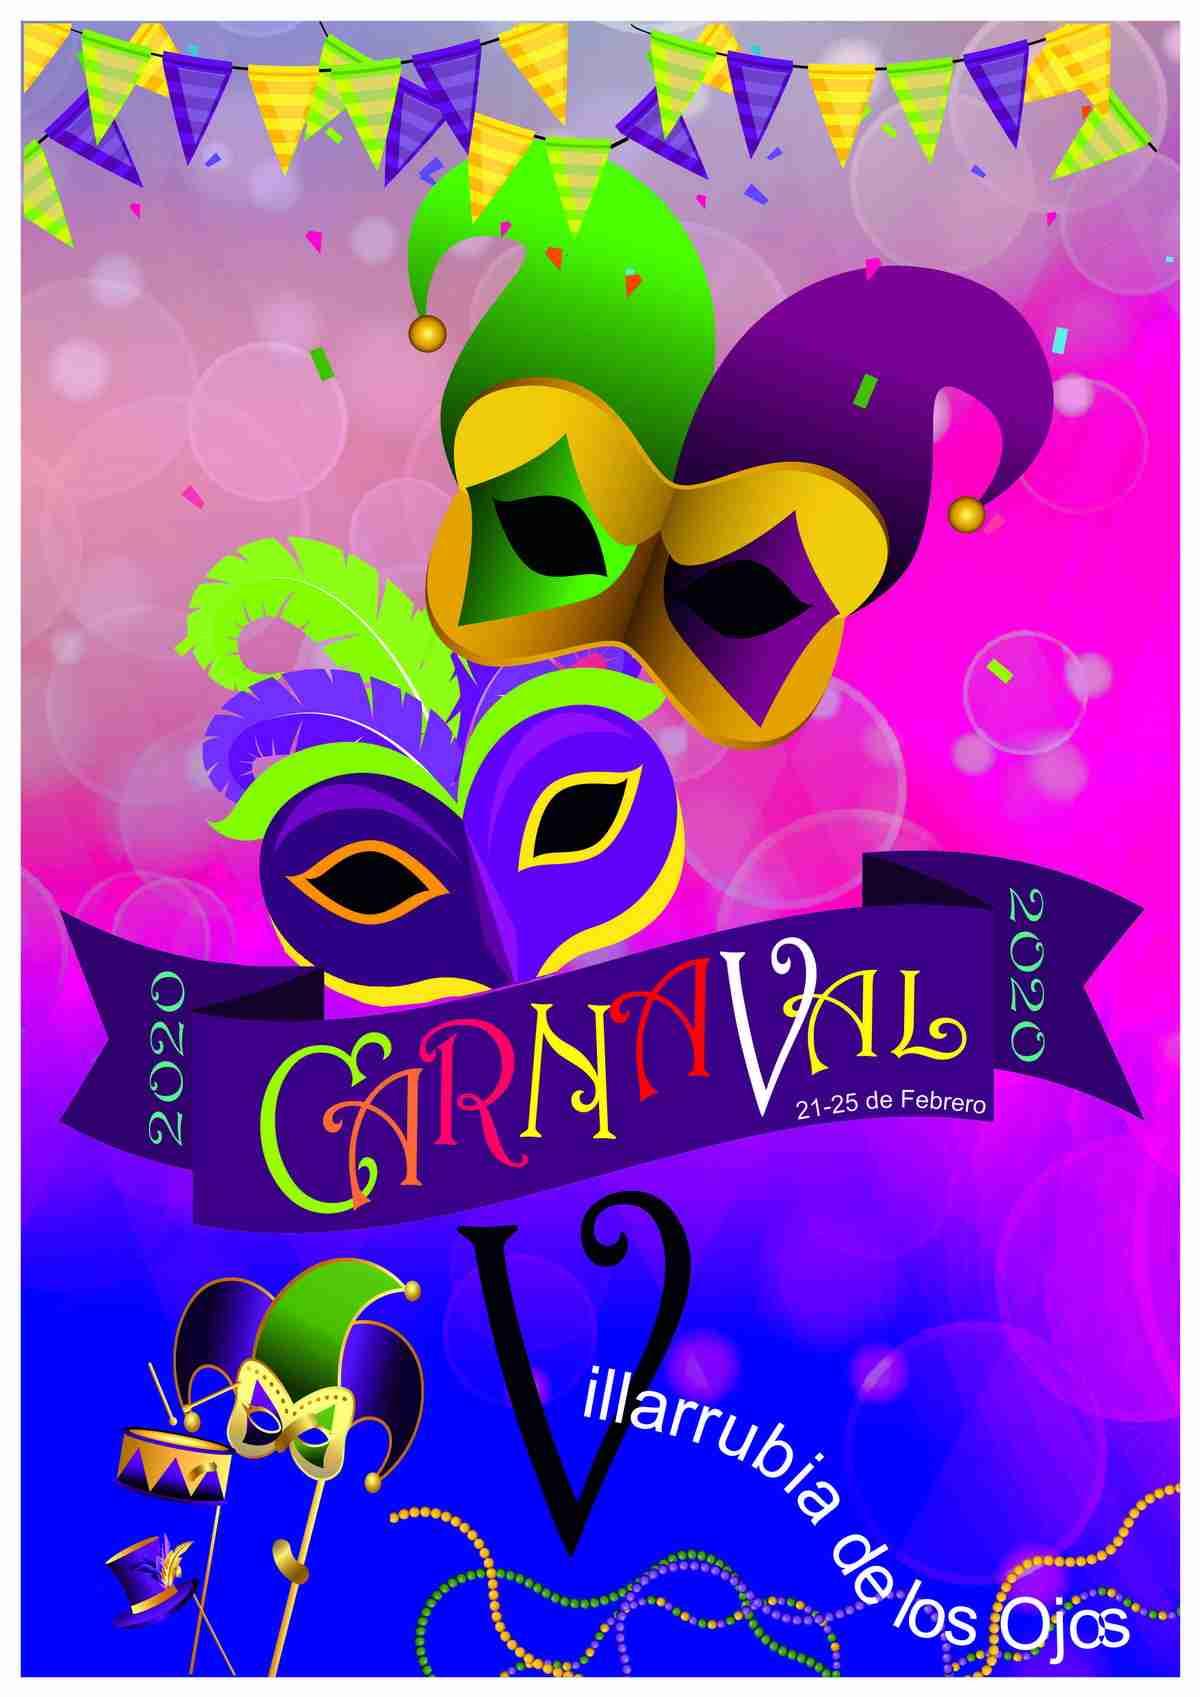 El fin de semana arranca el Carnaval en Villarrubia de los Ojos, y el domingo se esperan 20 grupos para el 30º Desfile Regional 3